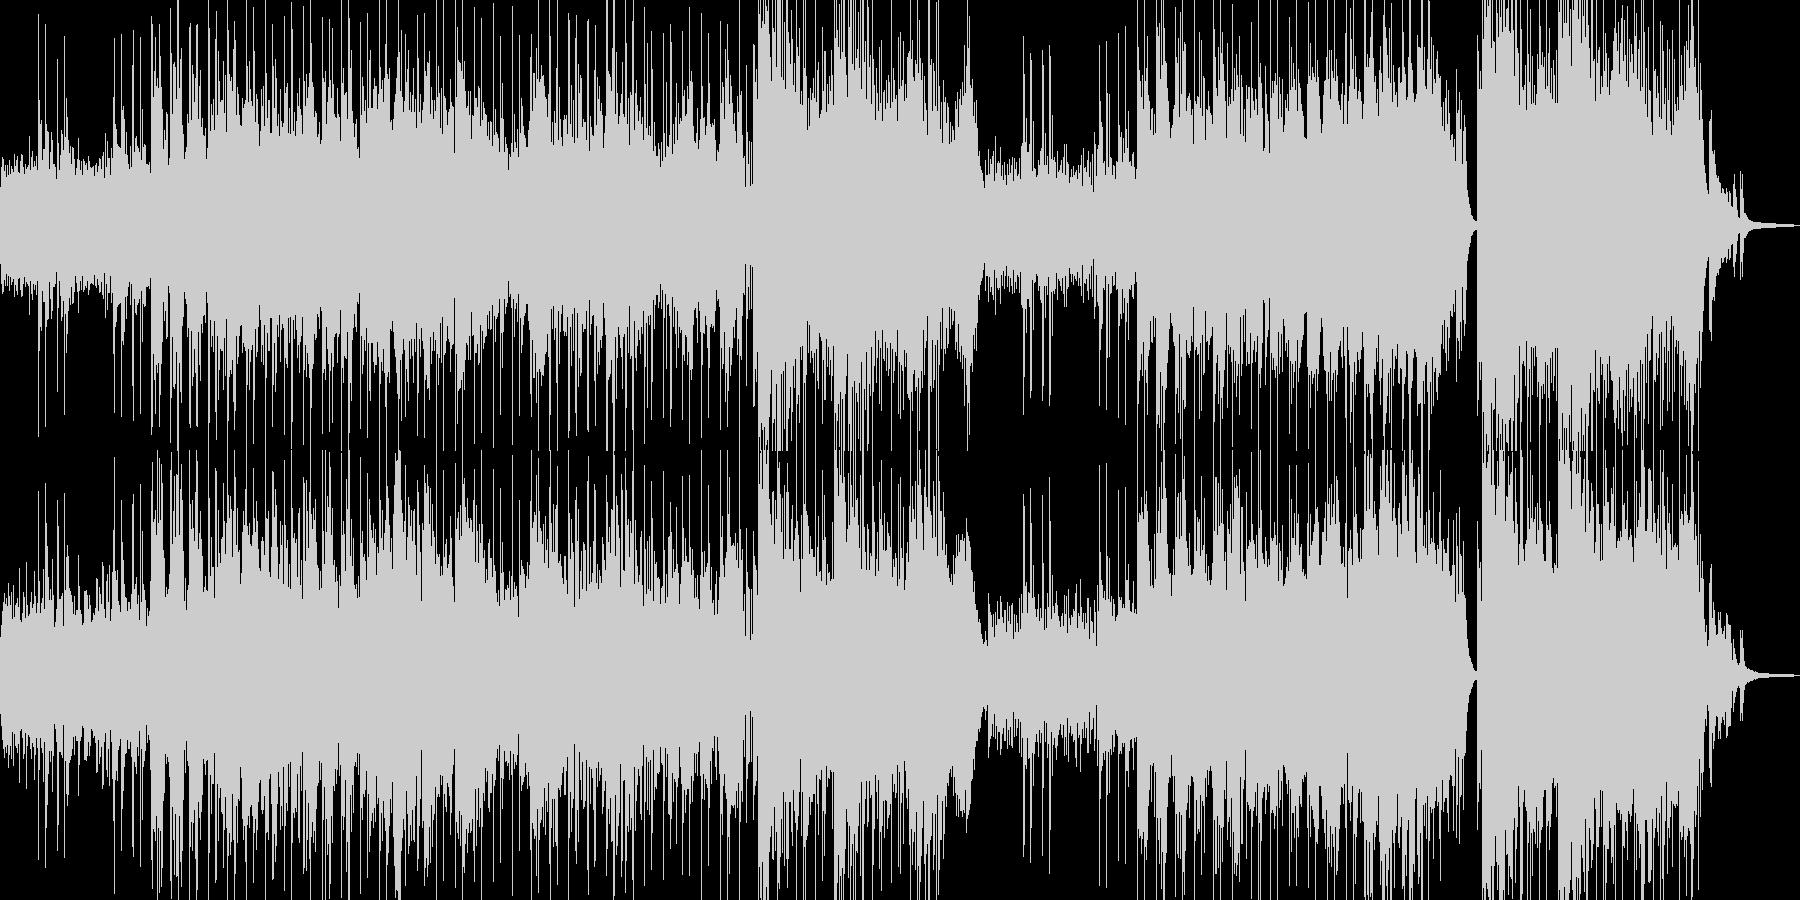 異世界・故人を想う雰囲気・ドラム有 長尺の未再生の波形